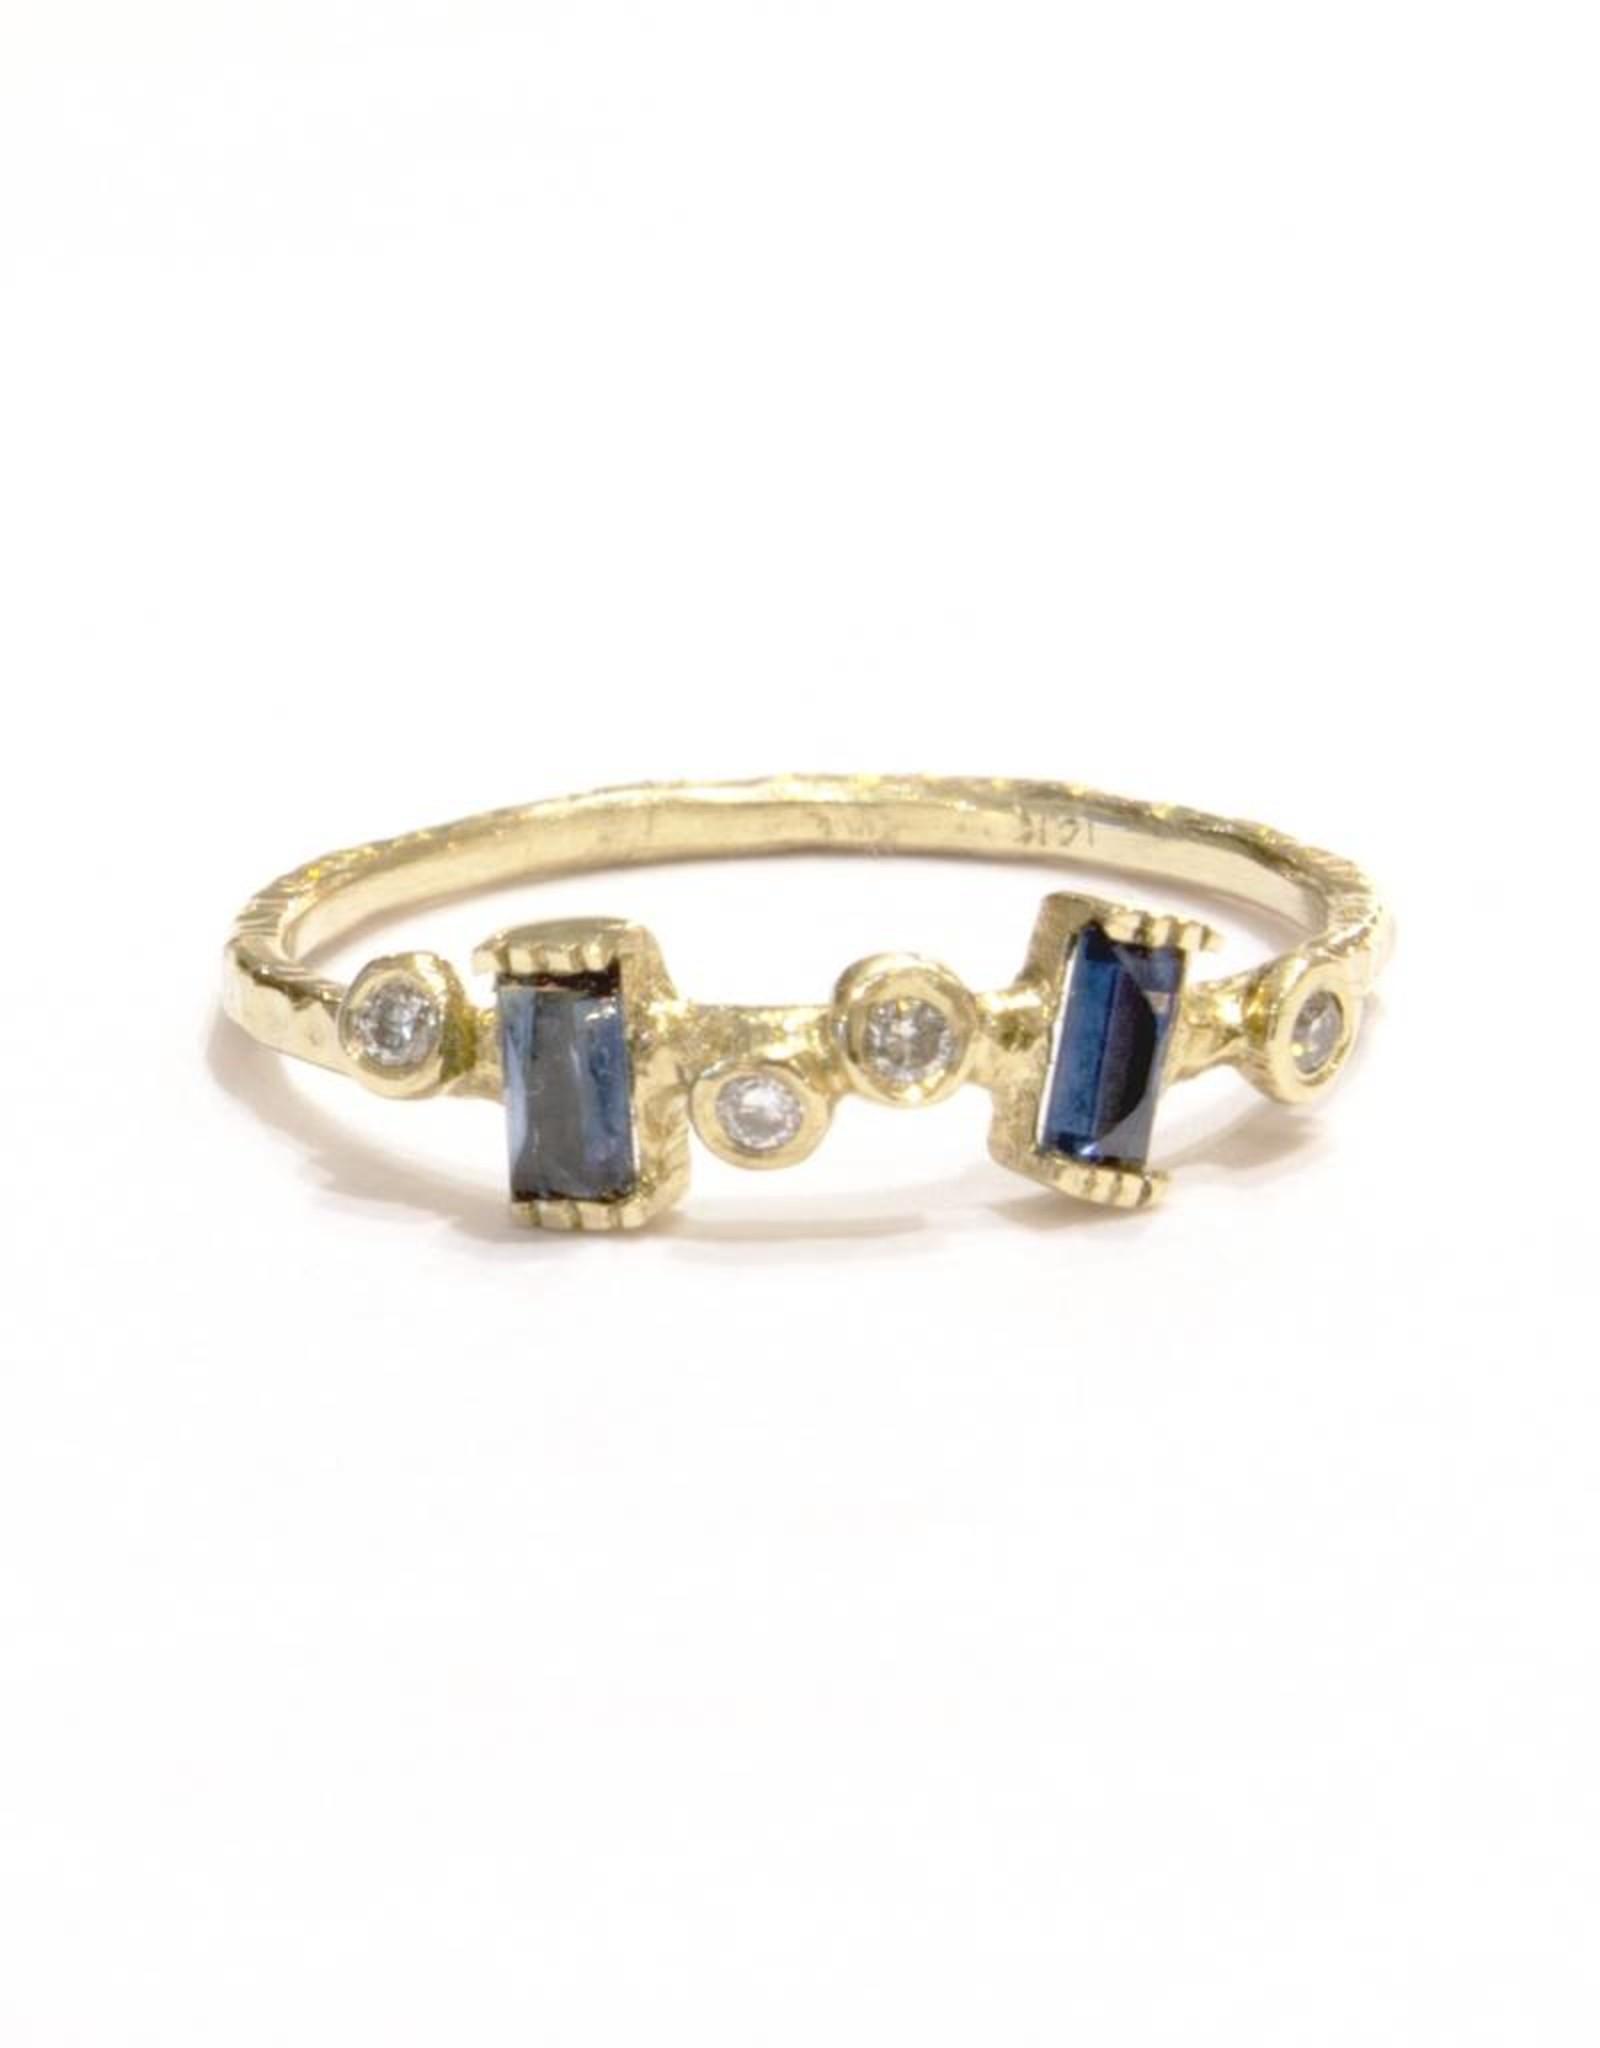 Lio & Linn Garden Ring - Blue Sapphire